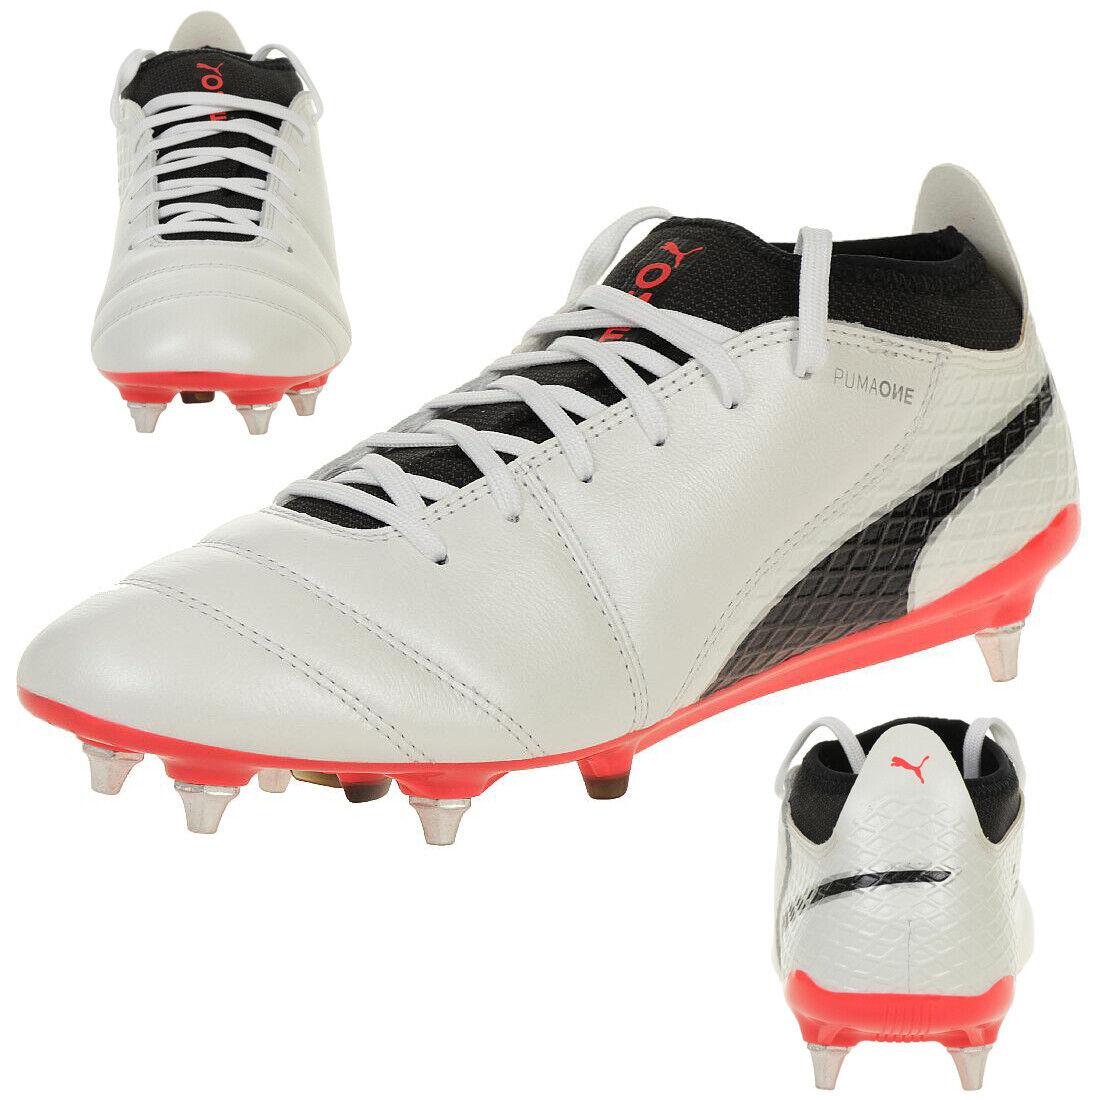 Puma One 17.2 Mx Sg Hombre Zapato de Fútbol Cuero blancooo 104231 01